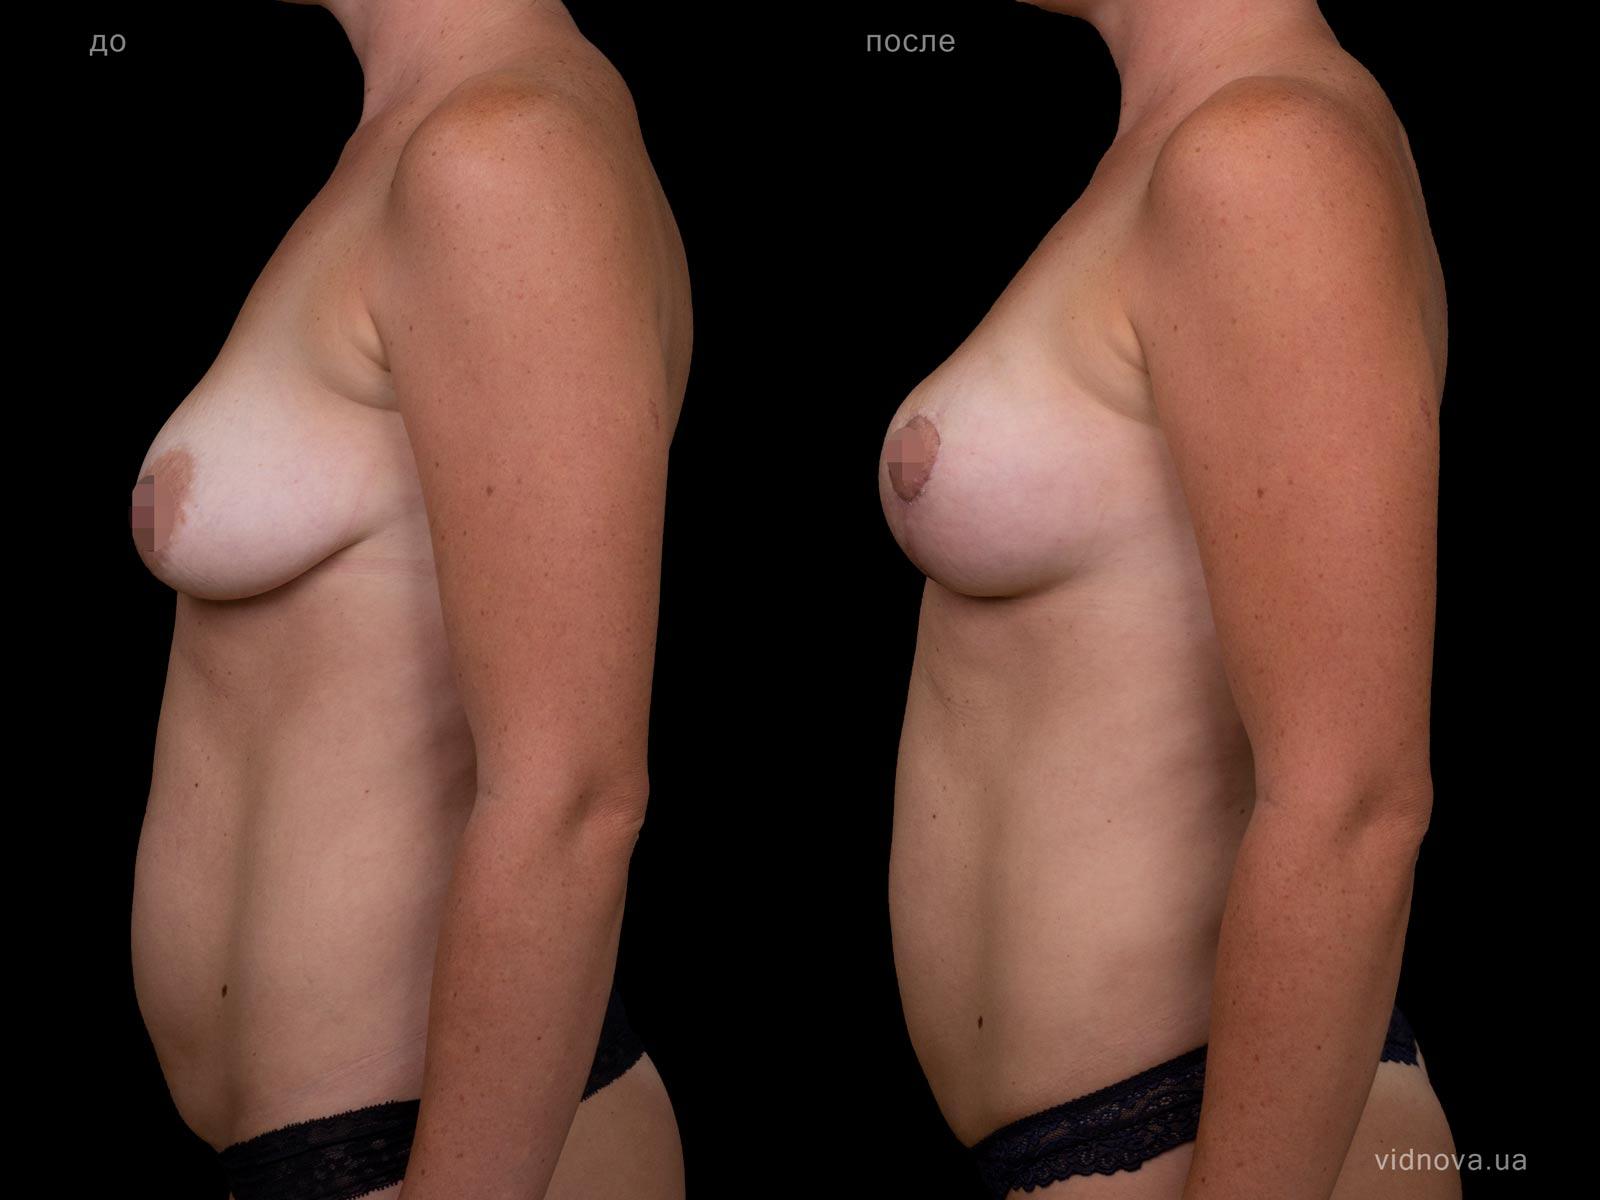 Пластика груди: результаты до и после - Пример №94-2 - Светлана Работенко